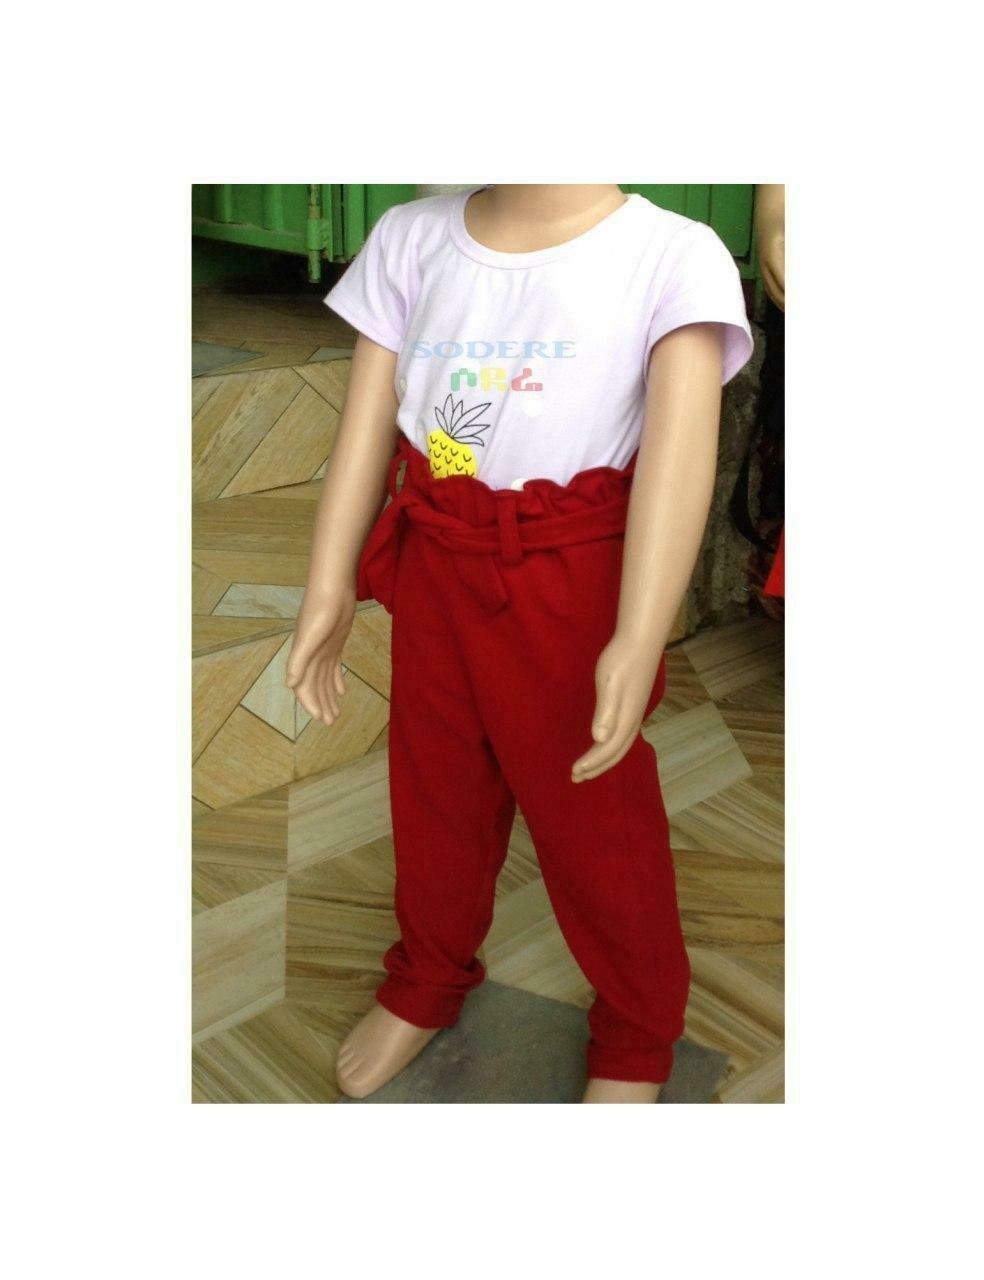 ዘመናዊ የልጆች ልብስ Modern Cloth For Kids